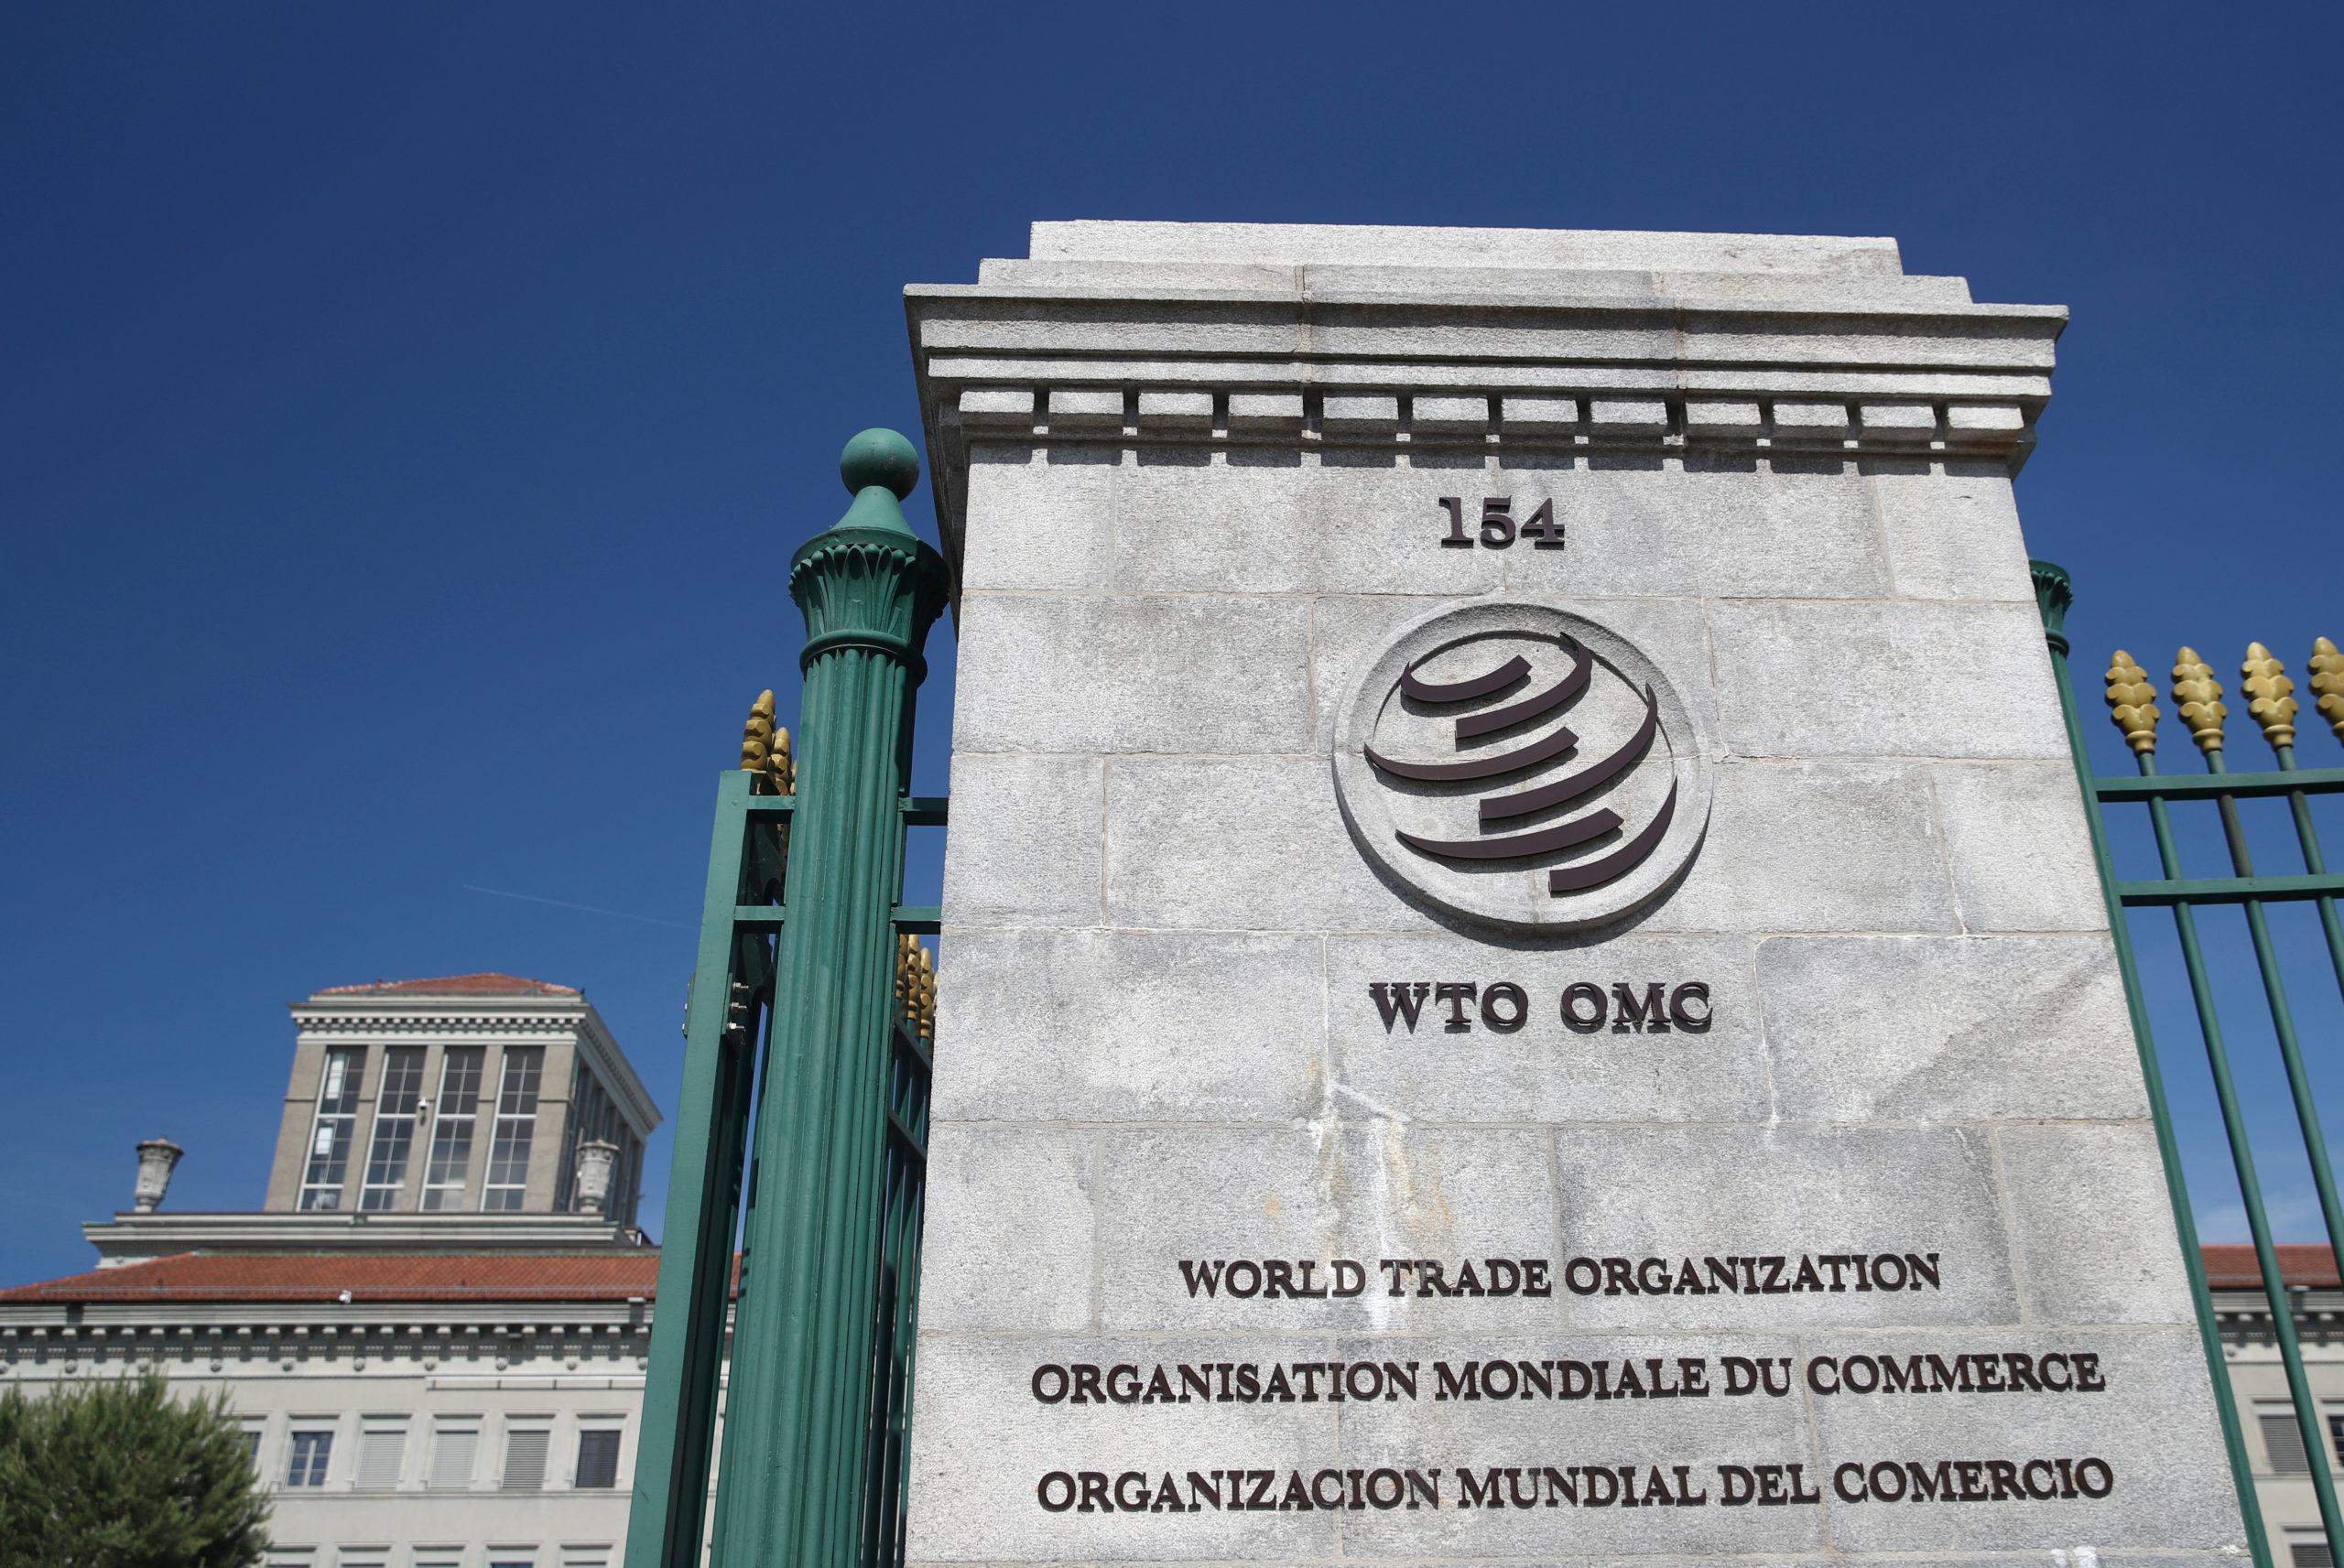 Trois femmes en lice sur cinq candidats pour diriger l'OMC